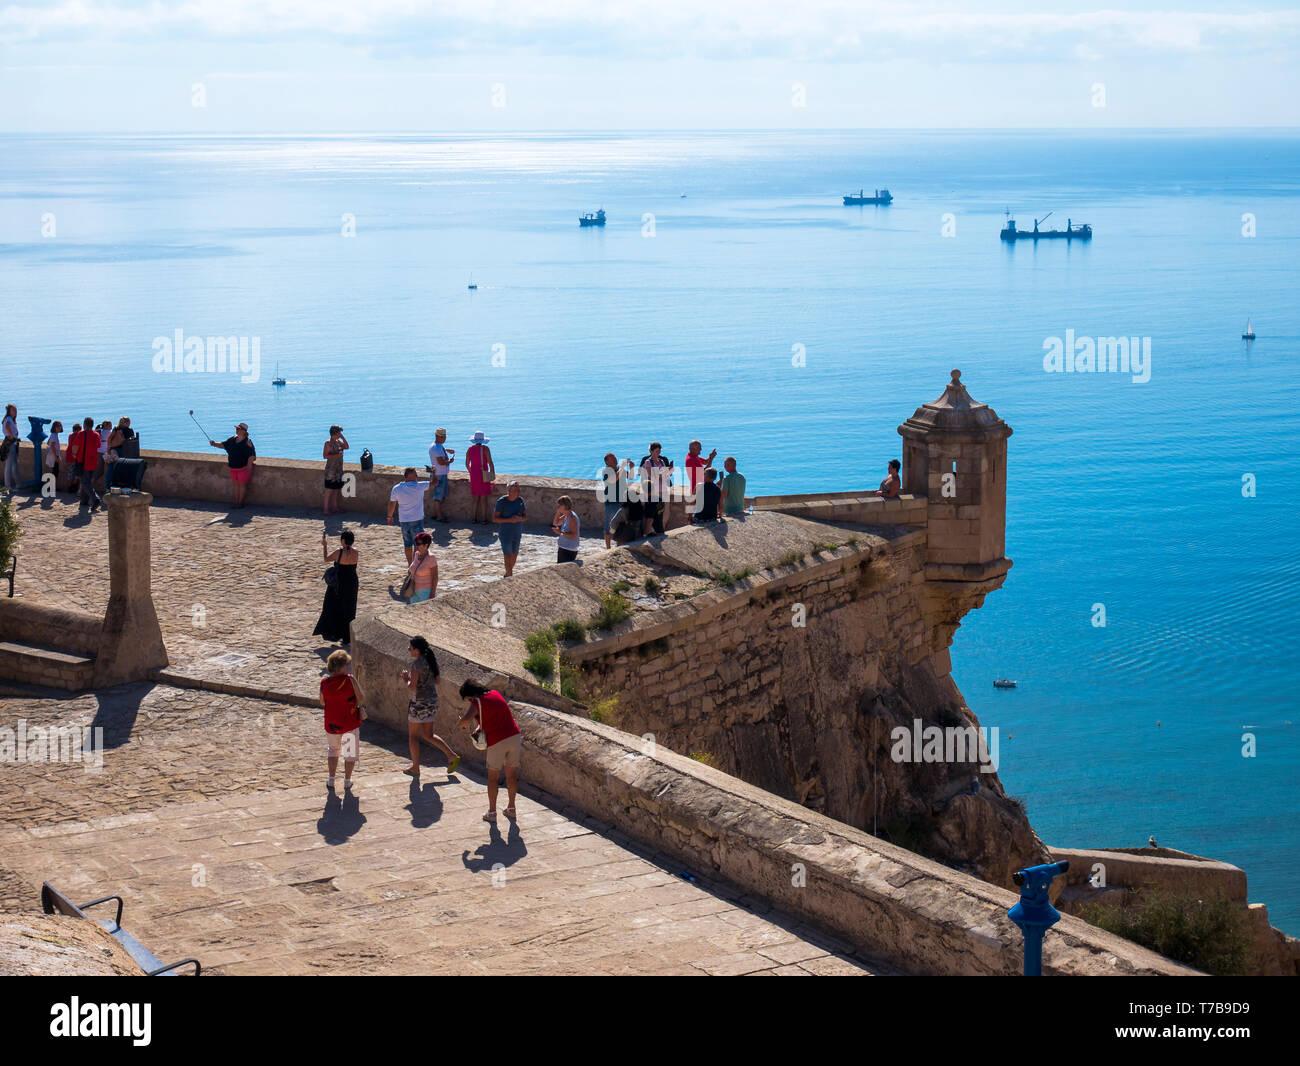 Vistas del Mar Mediterráneo desde el Castillo de Santa Bárbara. Alicante. Comunidad Valenciana. España - Stock Image